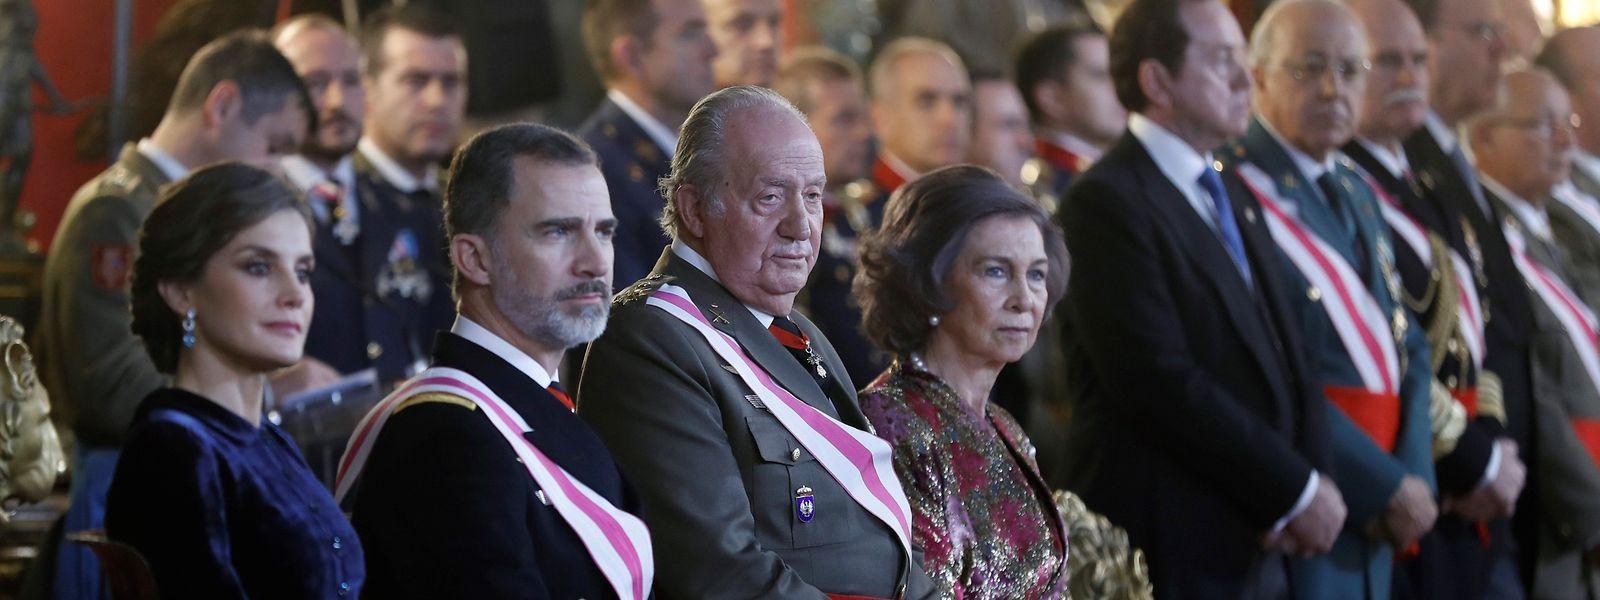 Letizia, Felipe, Juan Carlos et Sofia, la monarchie espagnole vit des moments difficiles.